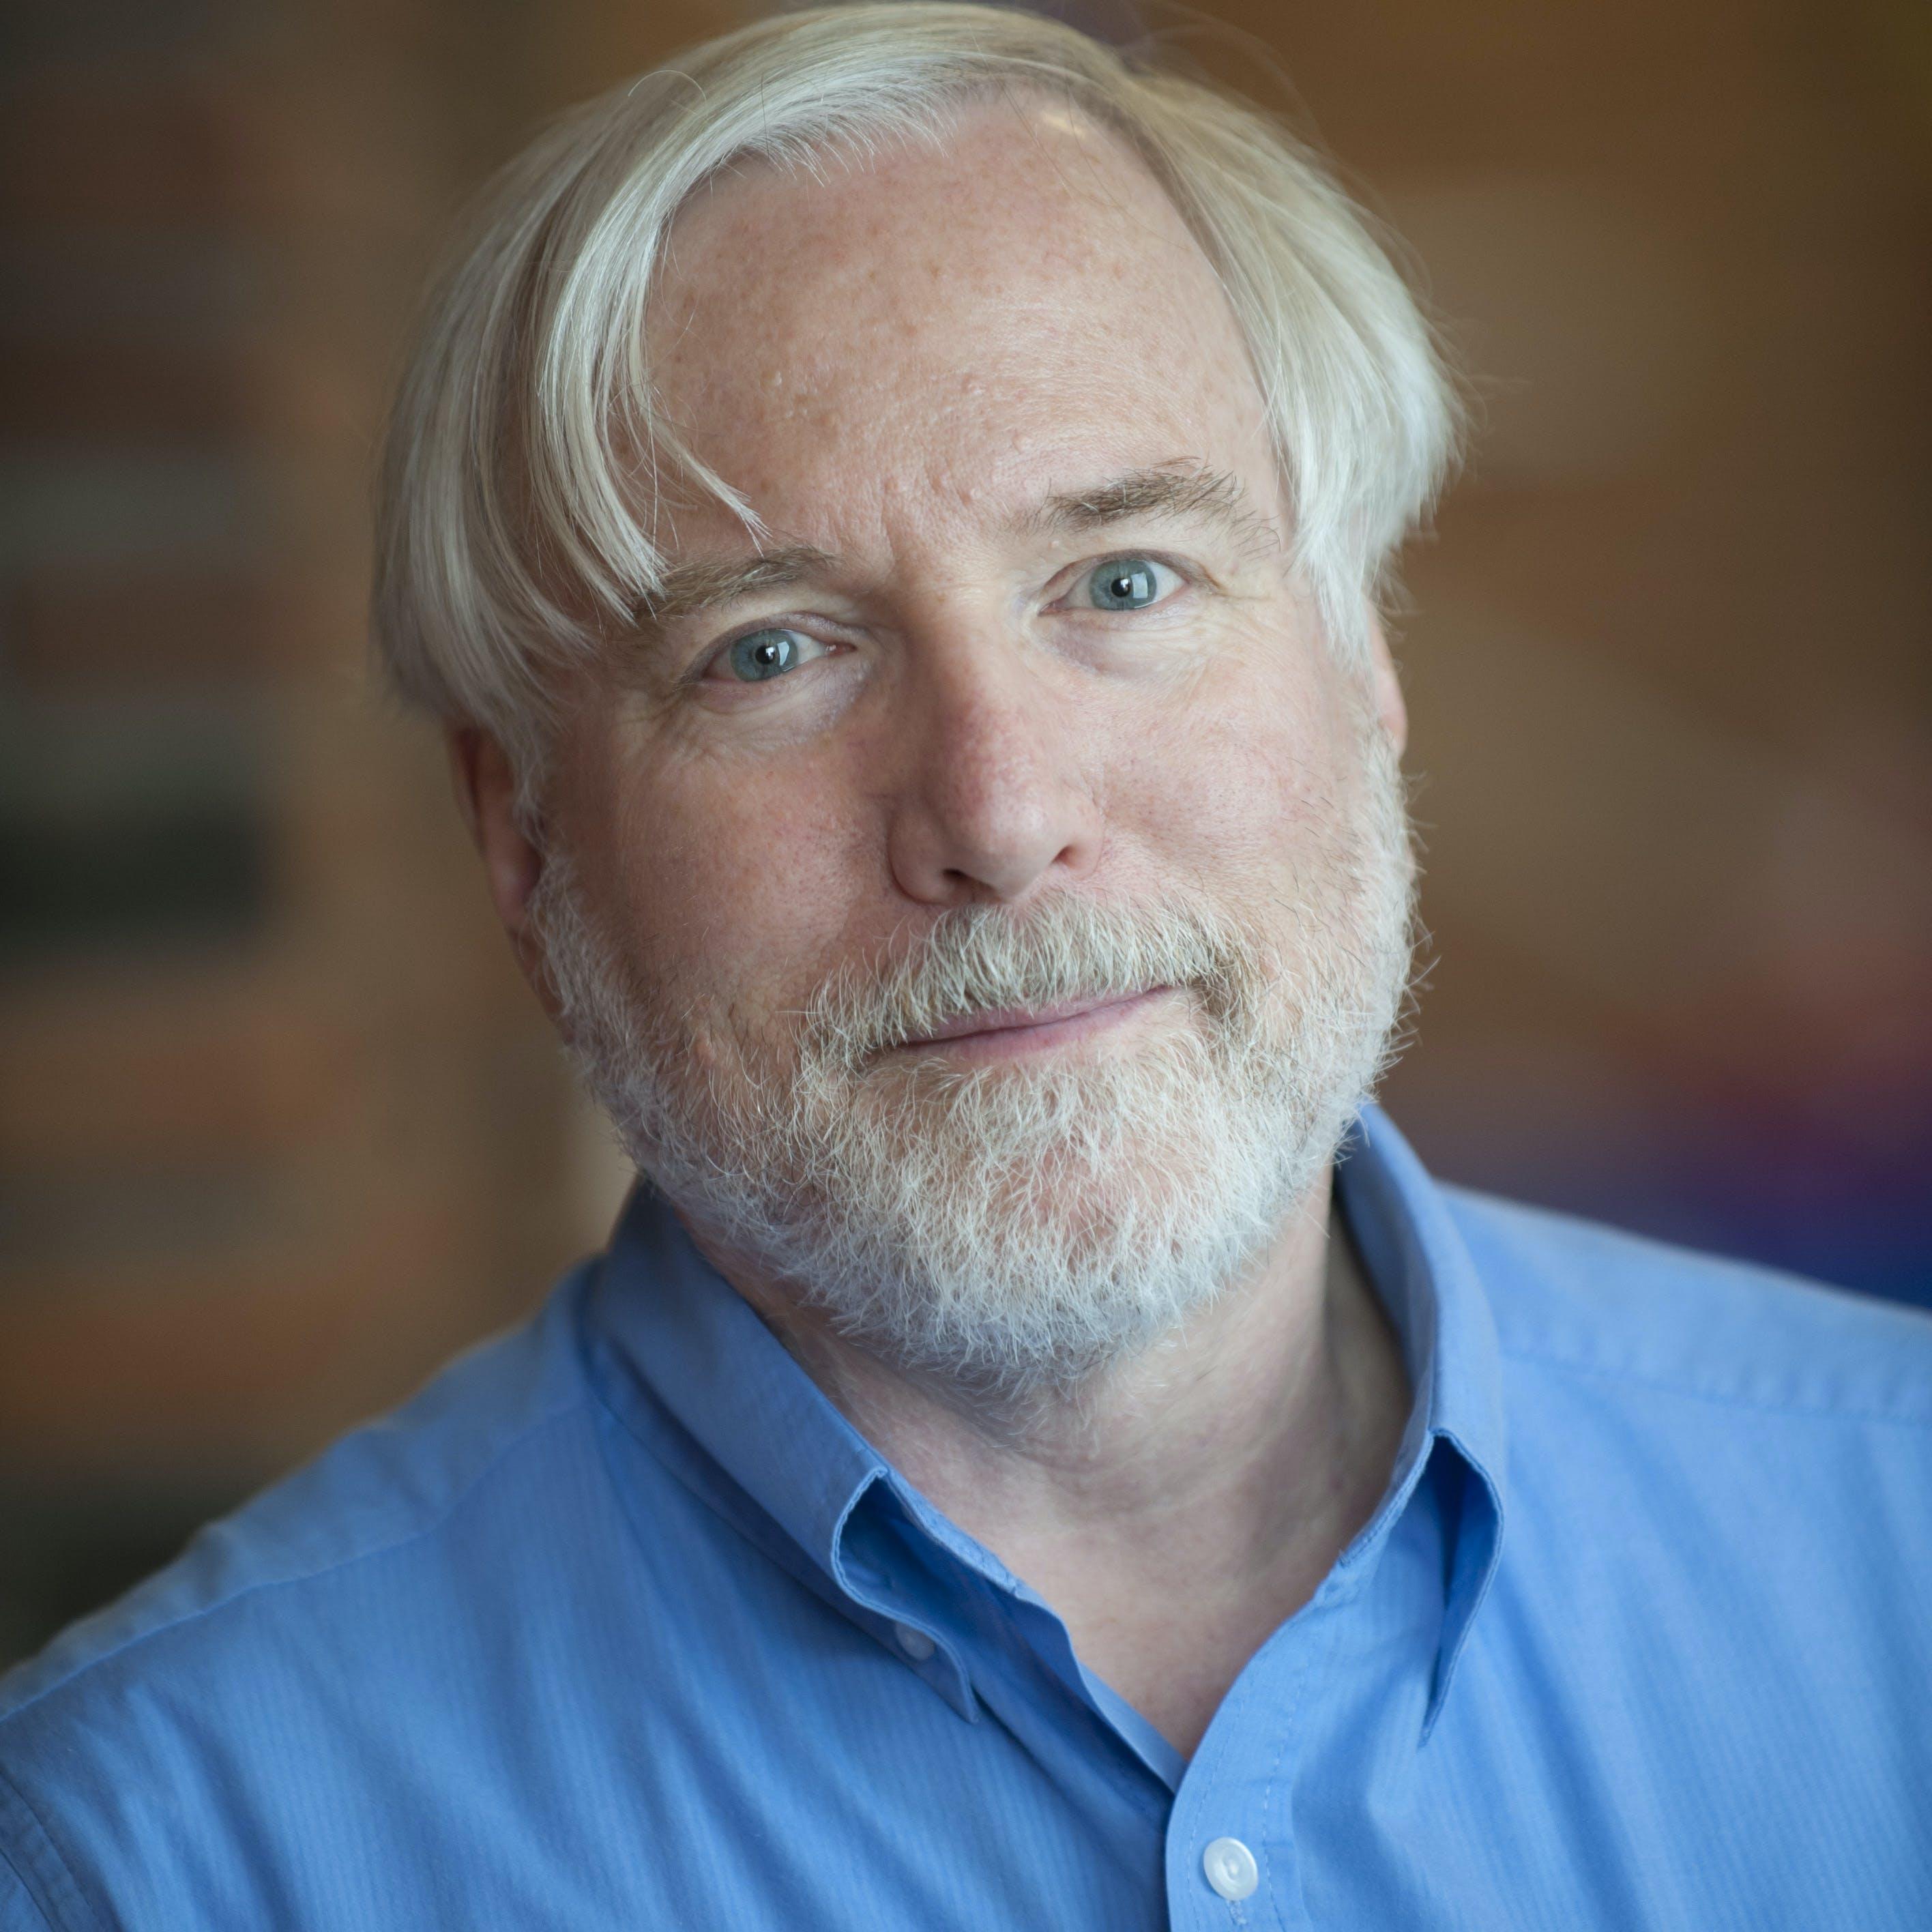 Eric Gossett